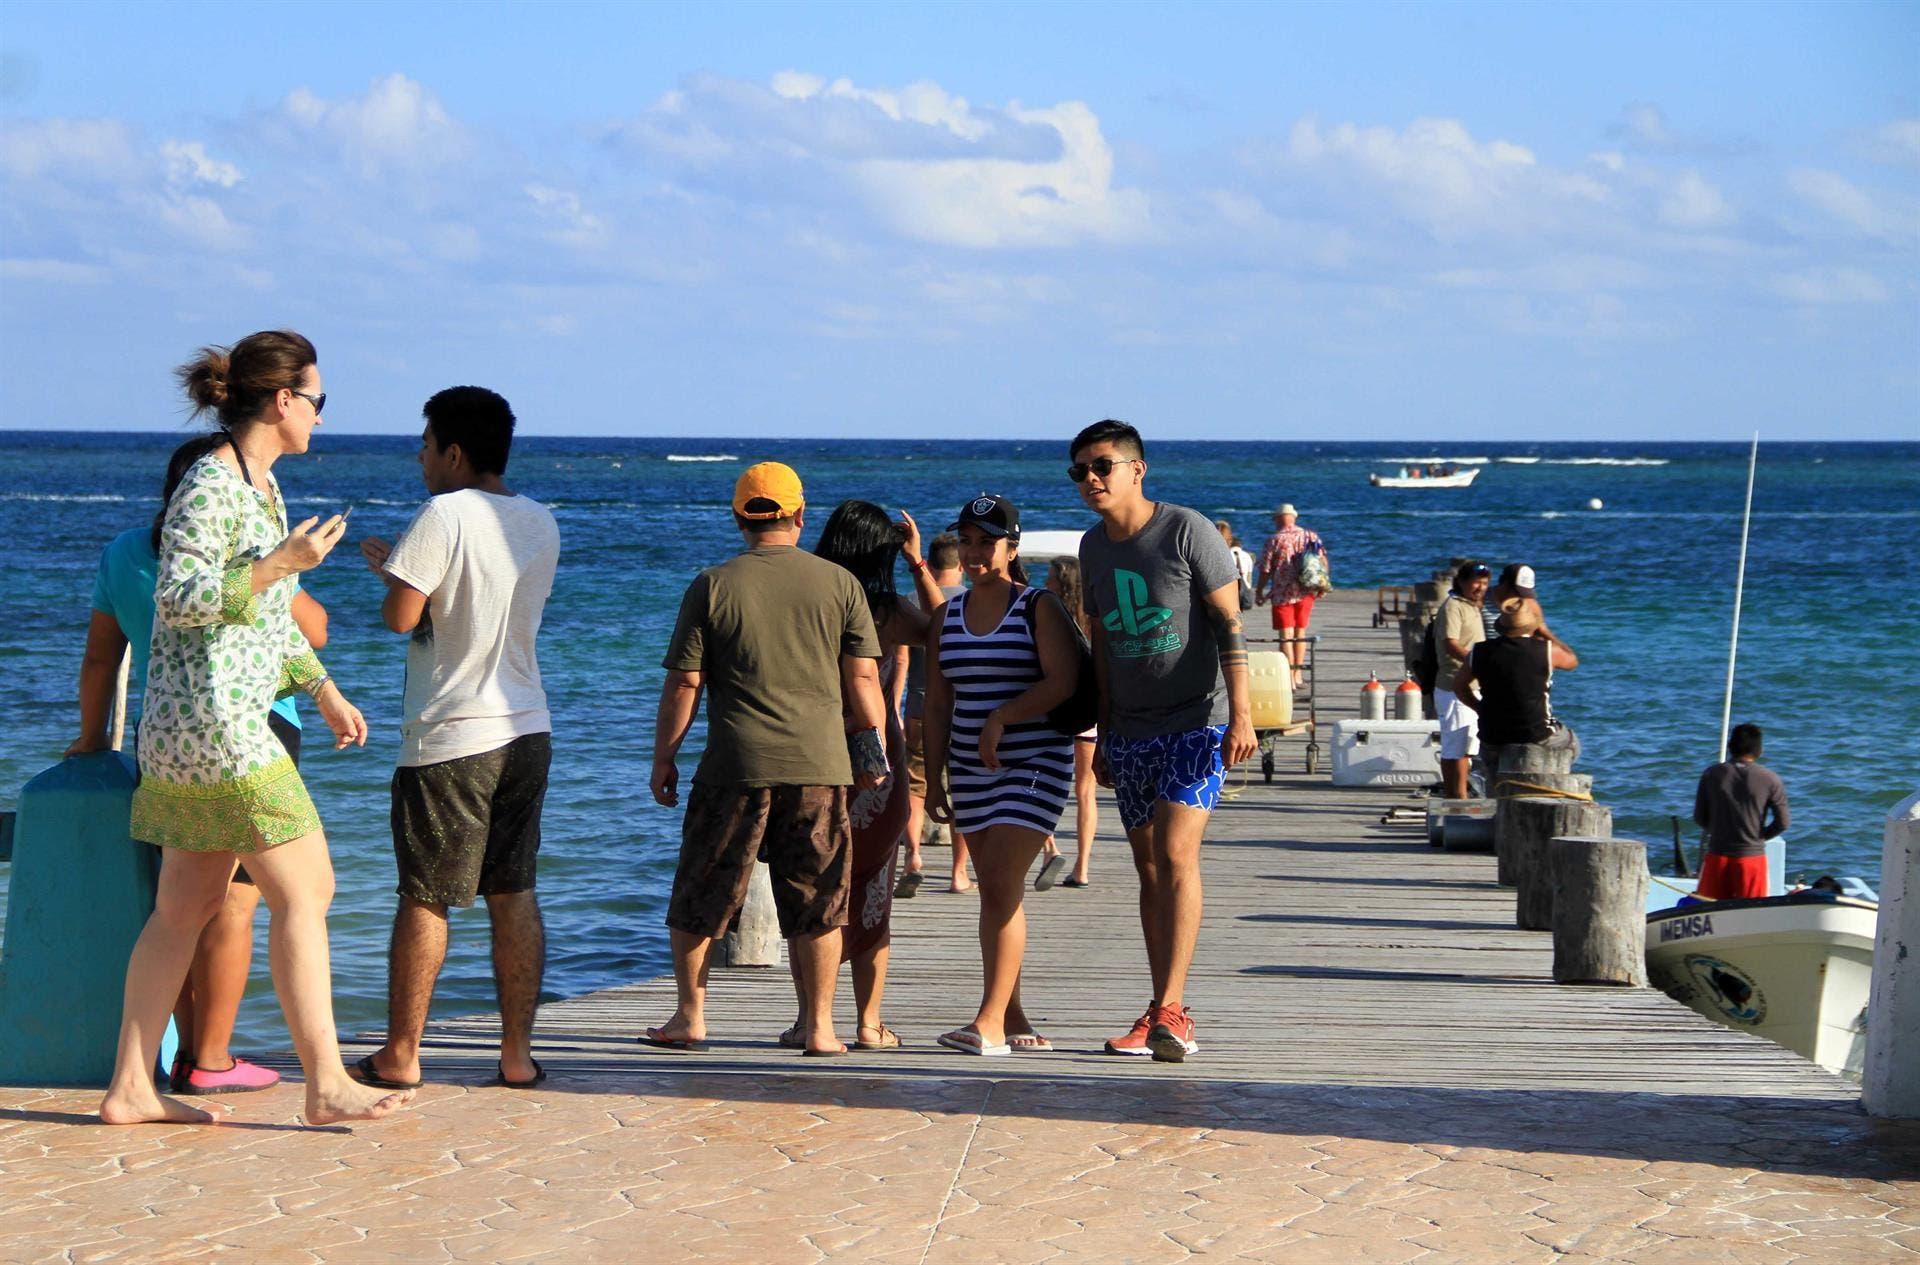 Puerto Morelos contribuye al éxito turístico de Quintana Roo